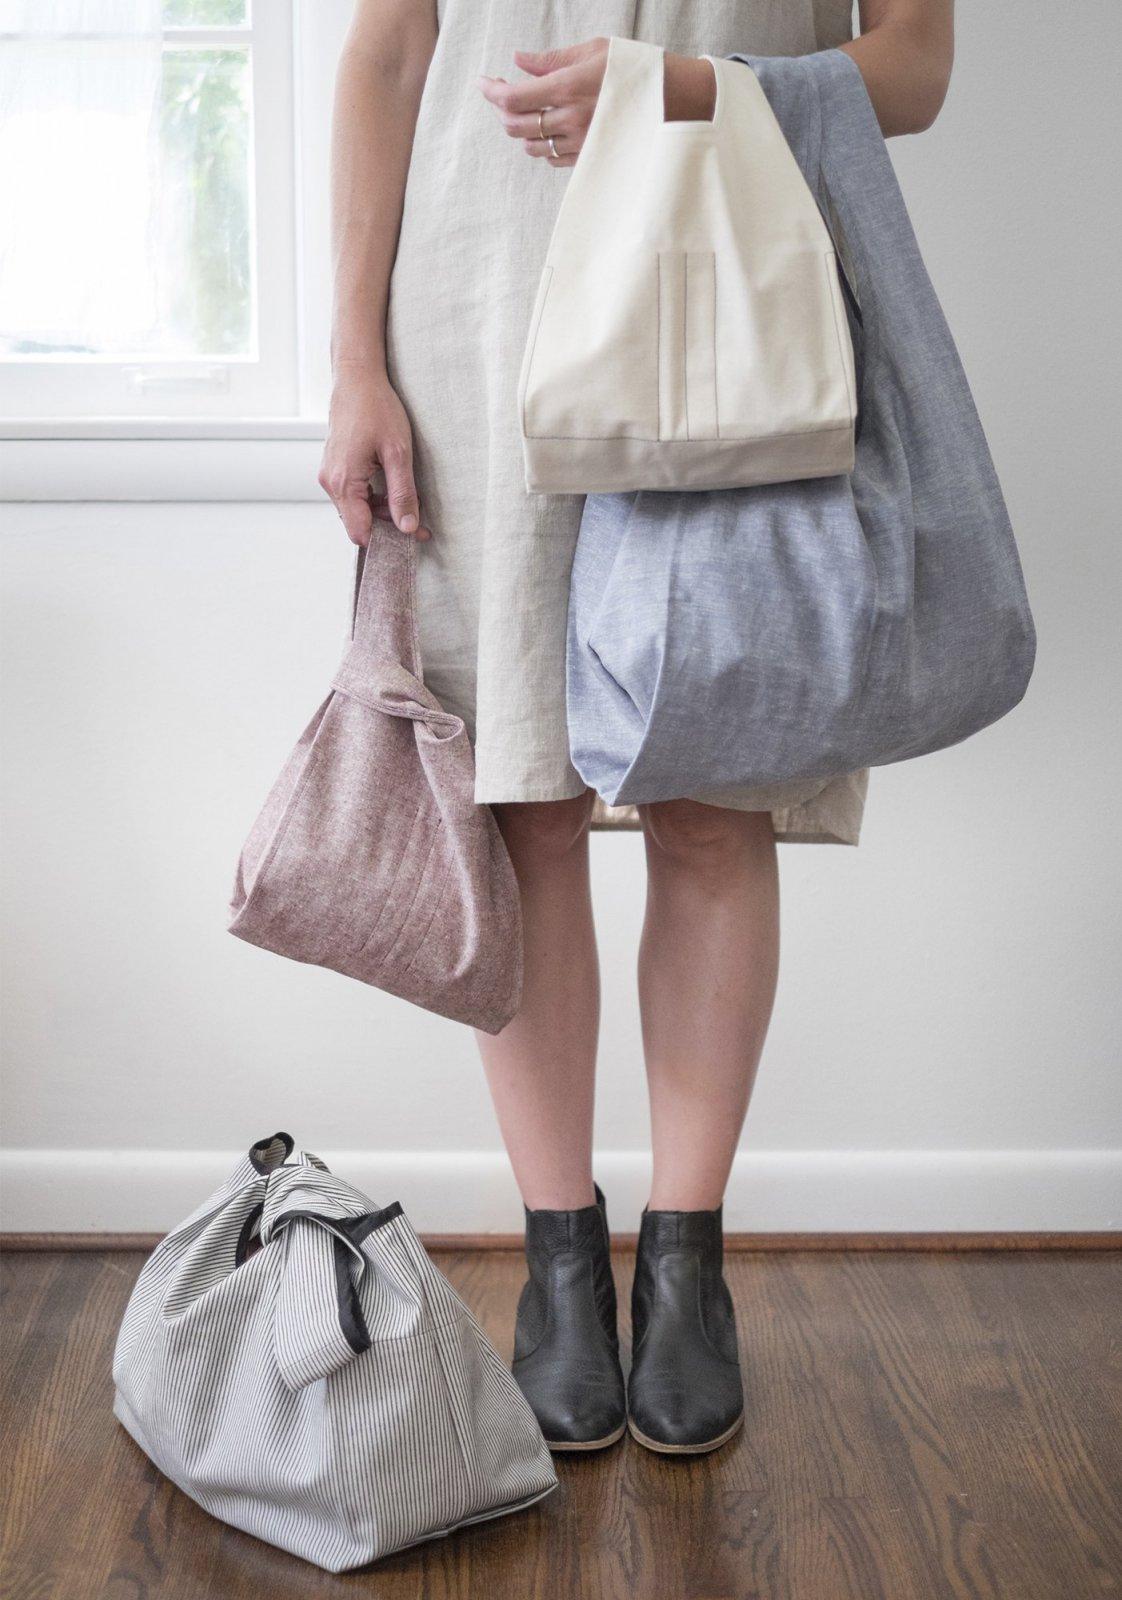 Grainline Studio Stowe Bag Pattern